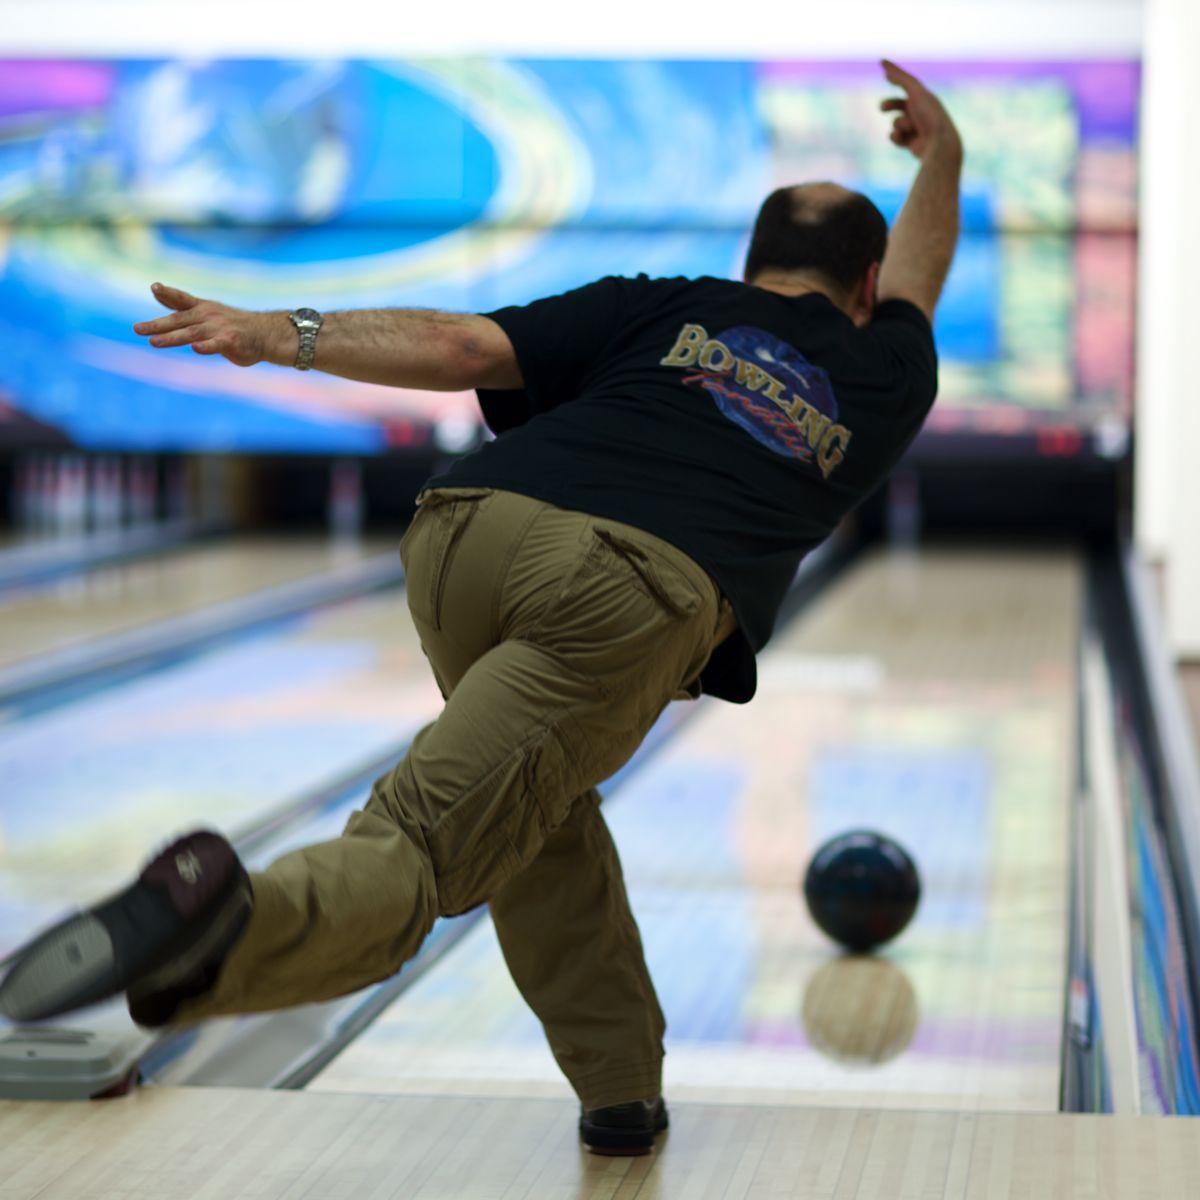 zaujímavosti o bowlingu - ponteo HOD